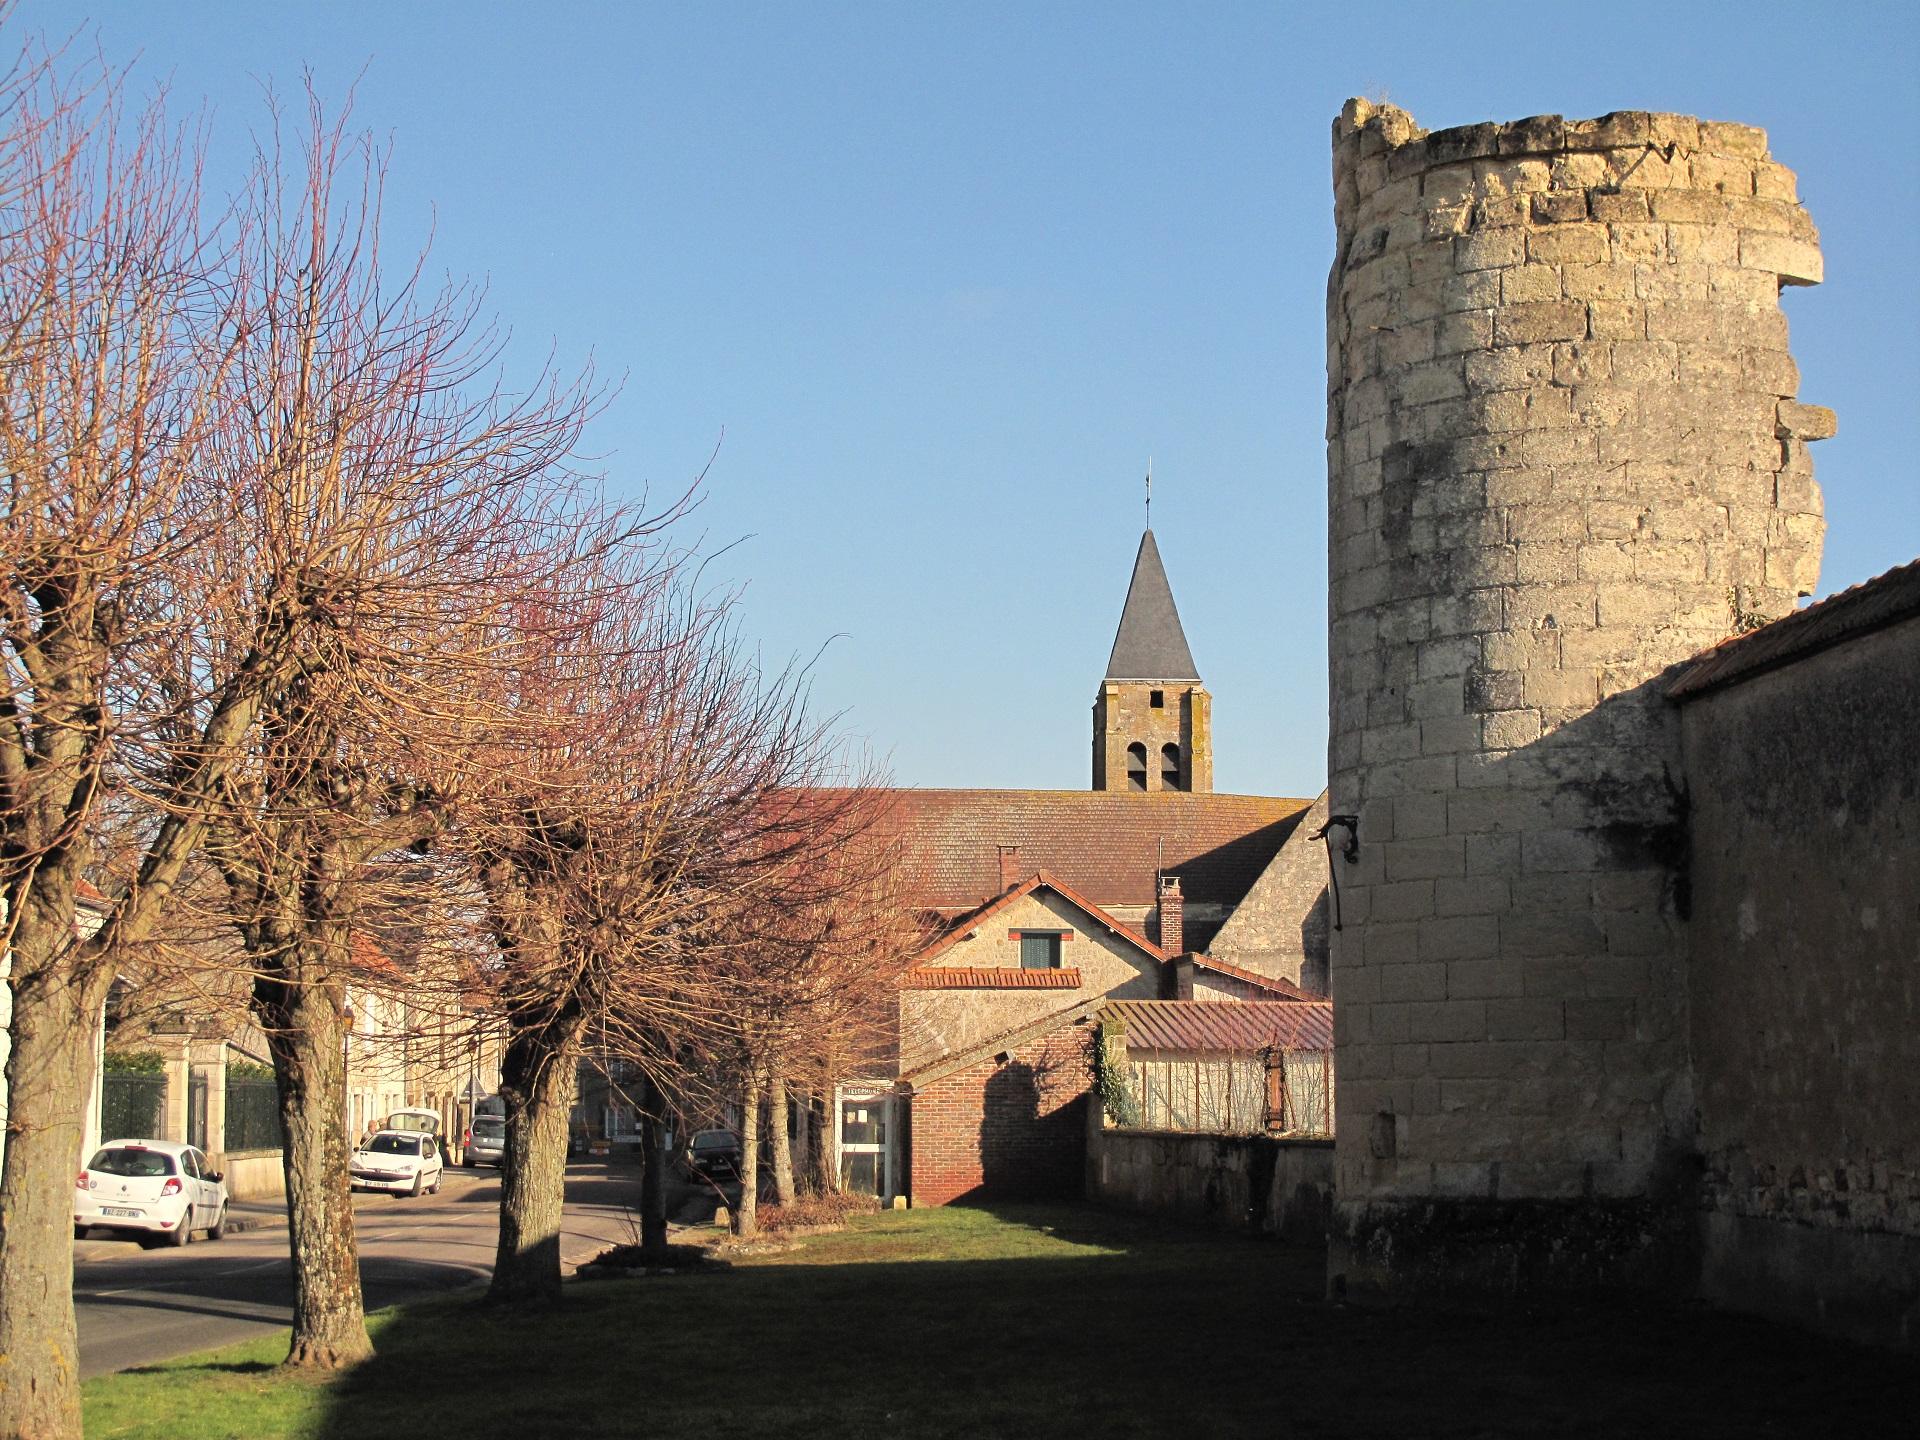 La tour ouest et notre église...